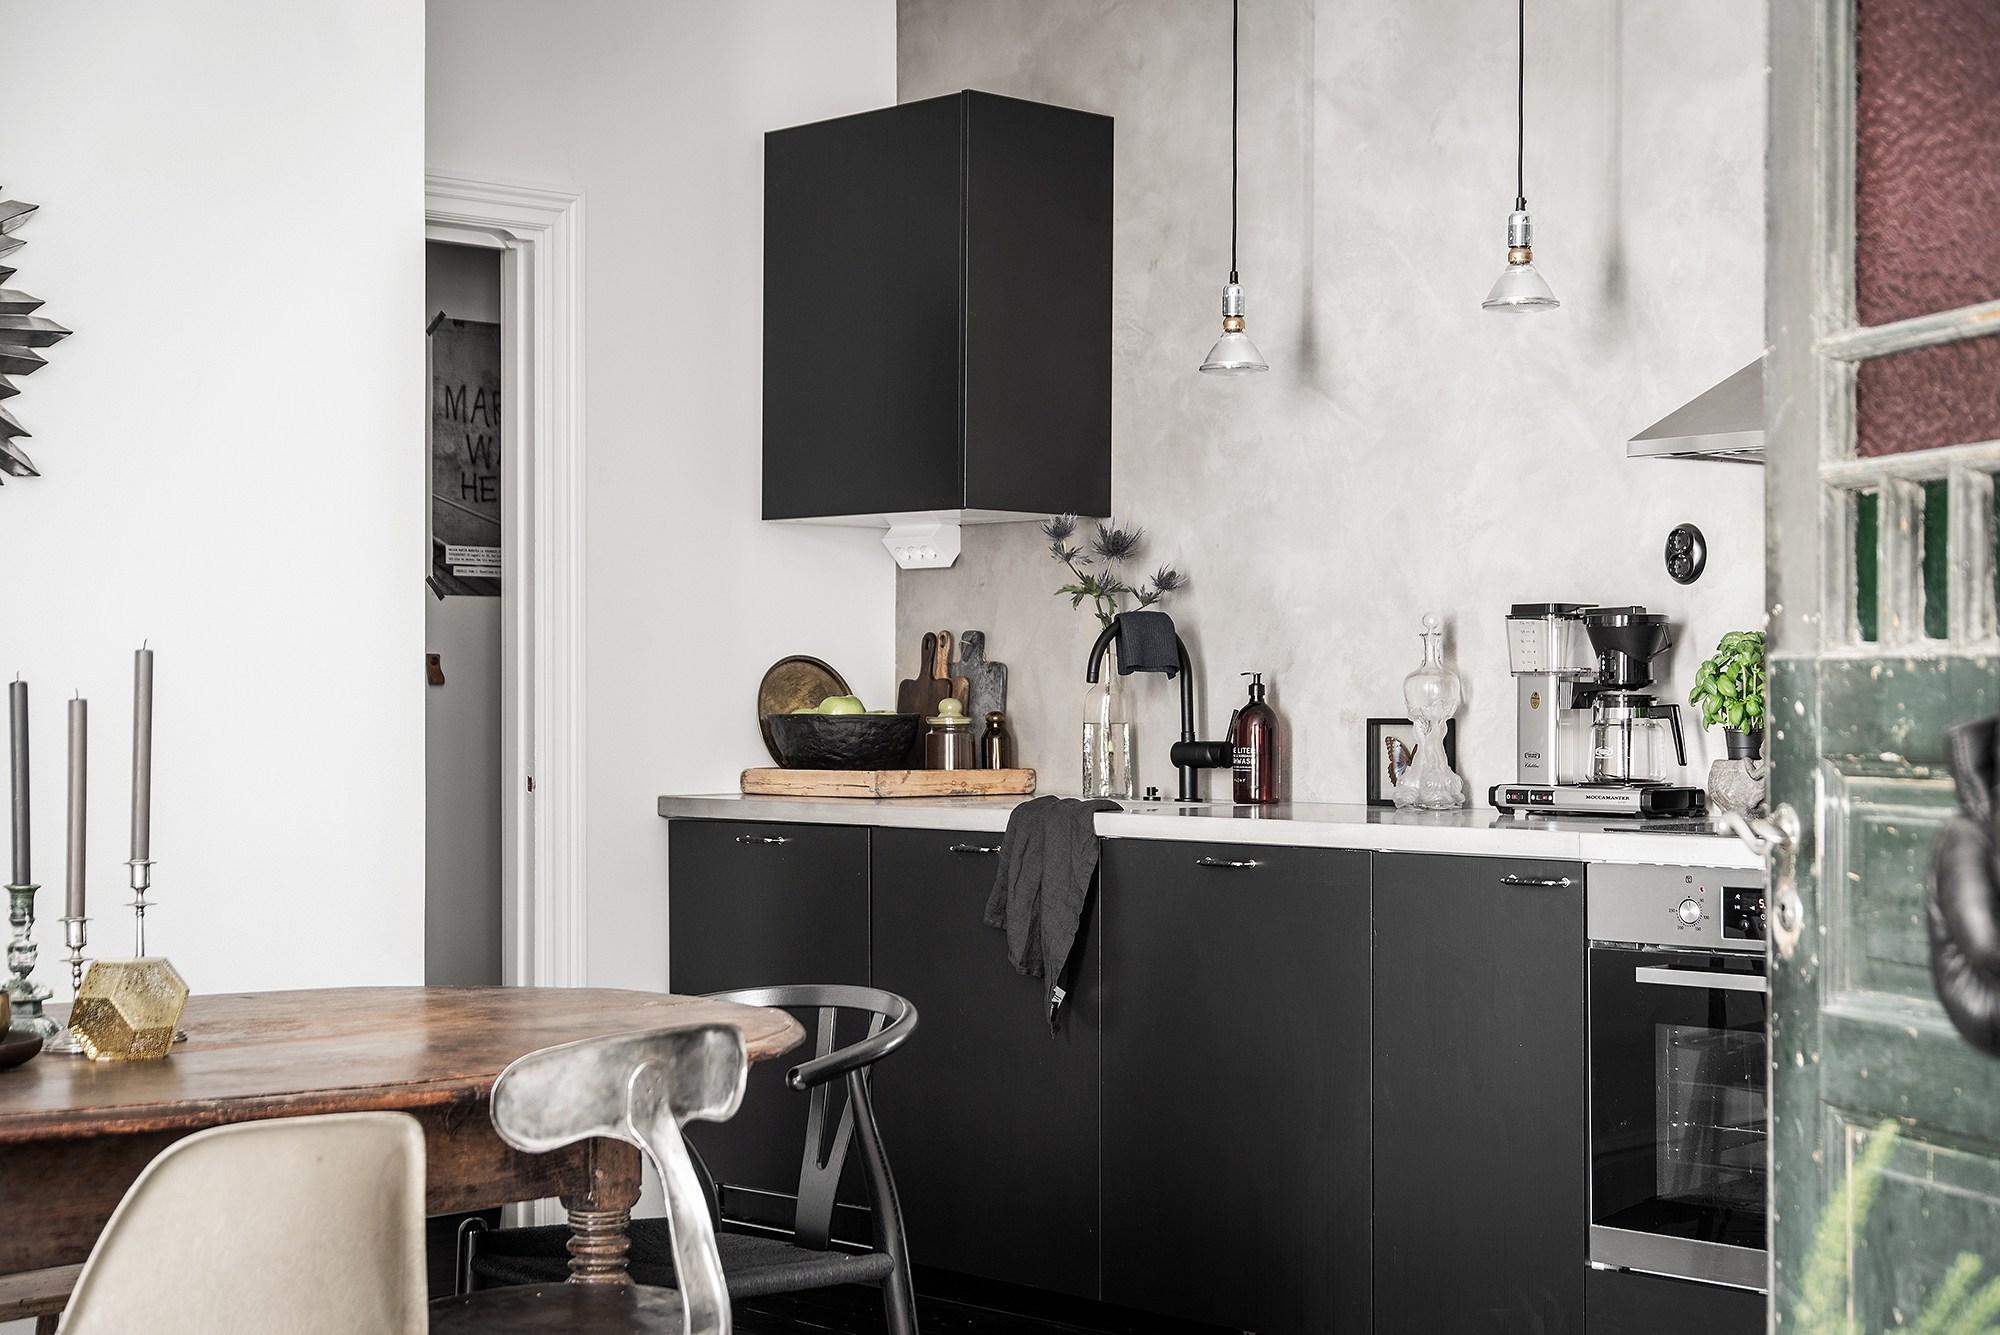 Tận dụng đồ cũ, căn hộ 42m² vẫn đẹp cá tính từng góc nhỏ - Ảnh 5.